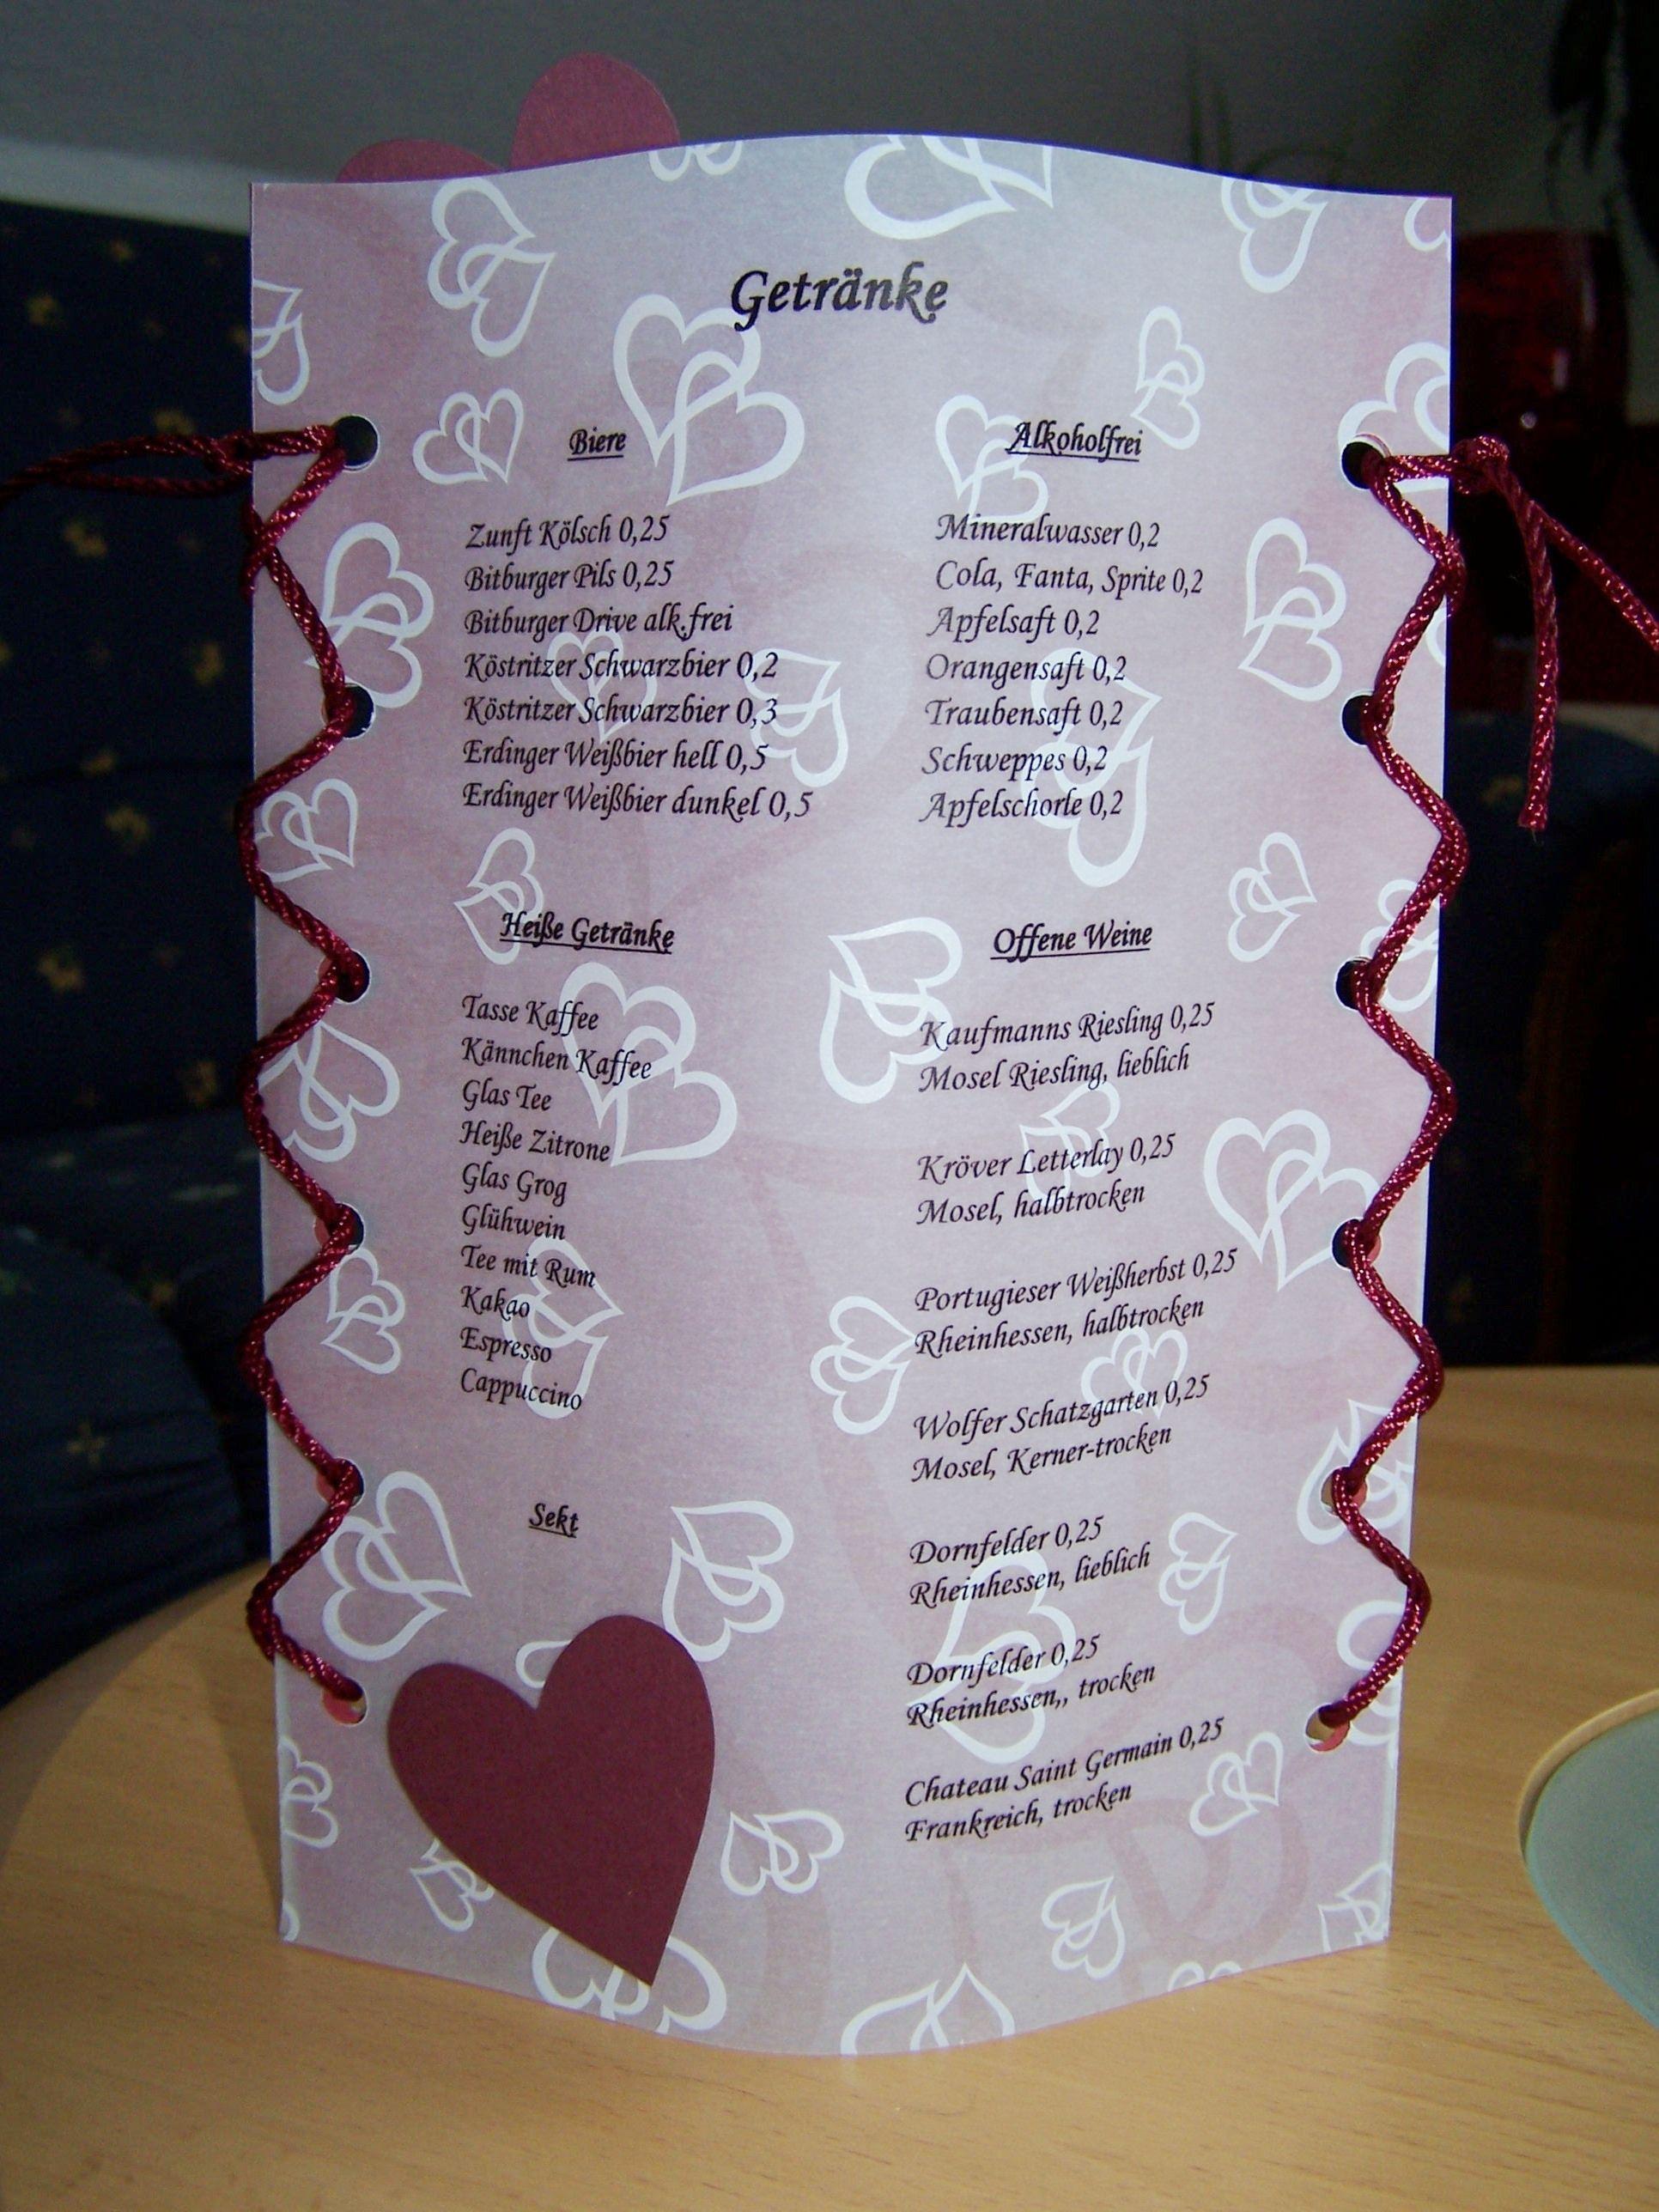 Idee fr Men  und Getrnkekarten zur Hochzeit  creadoo